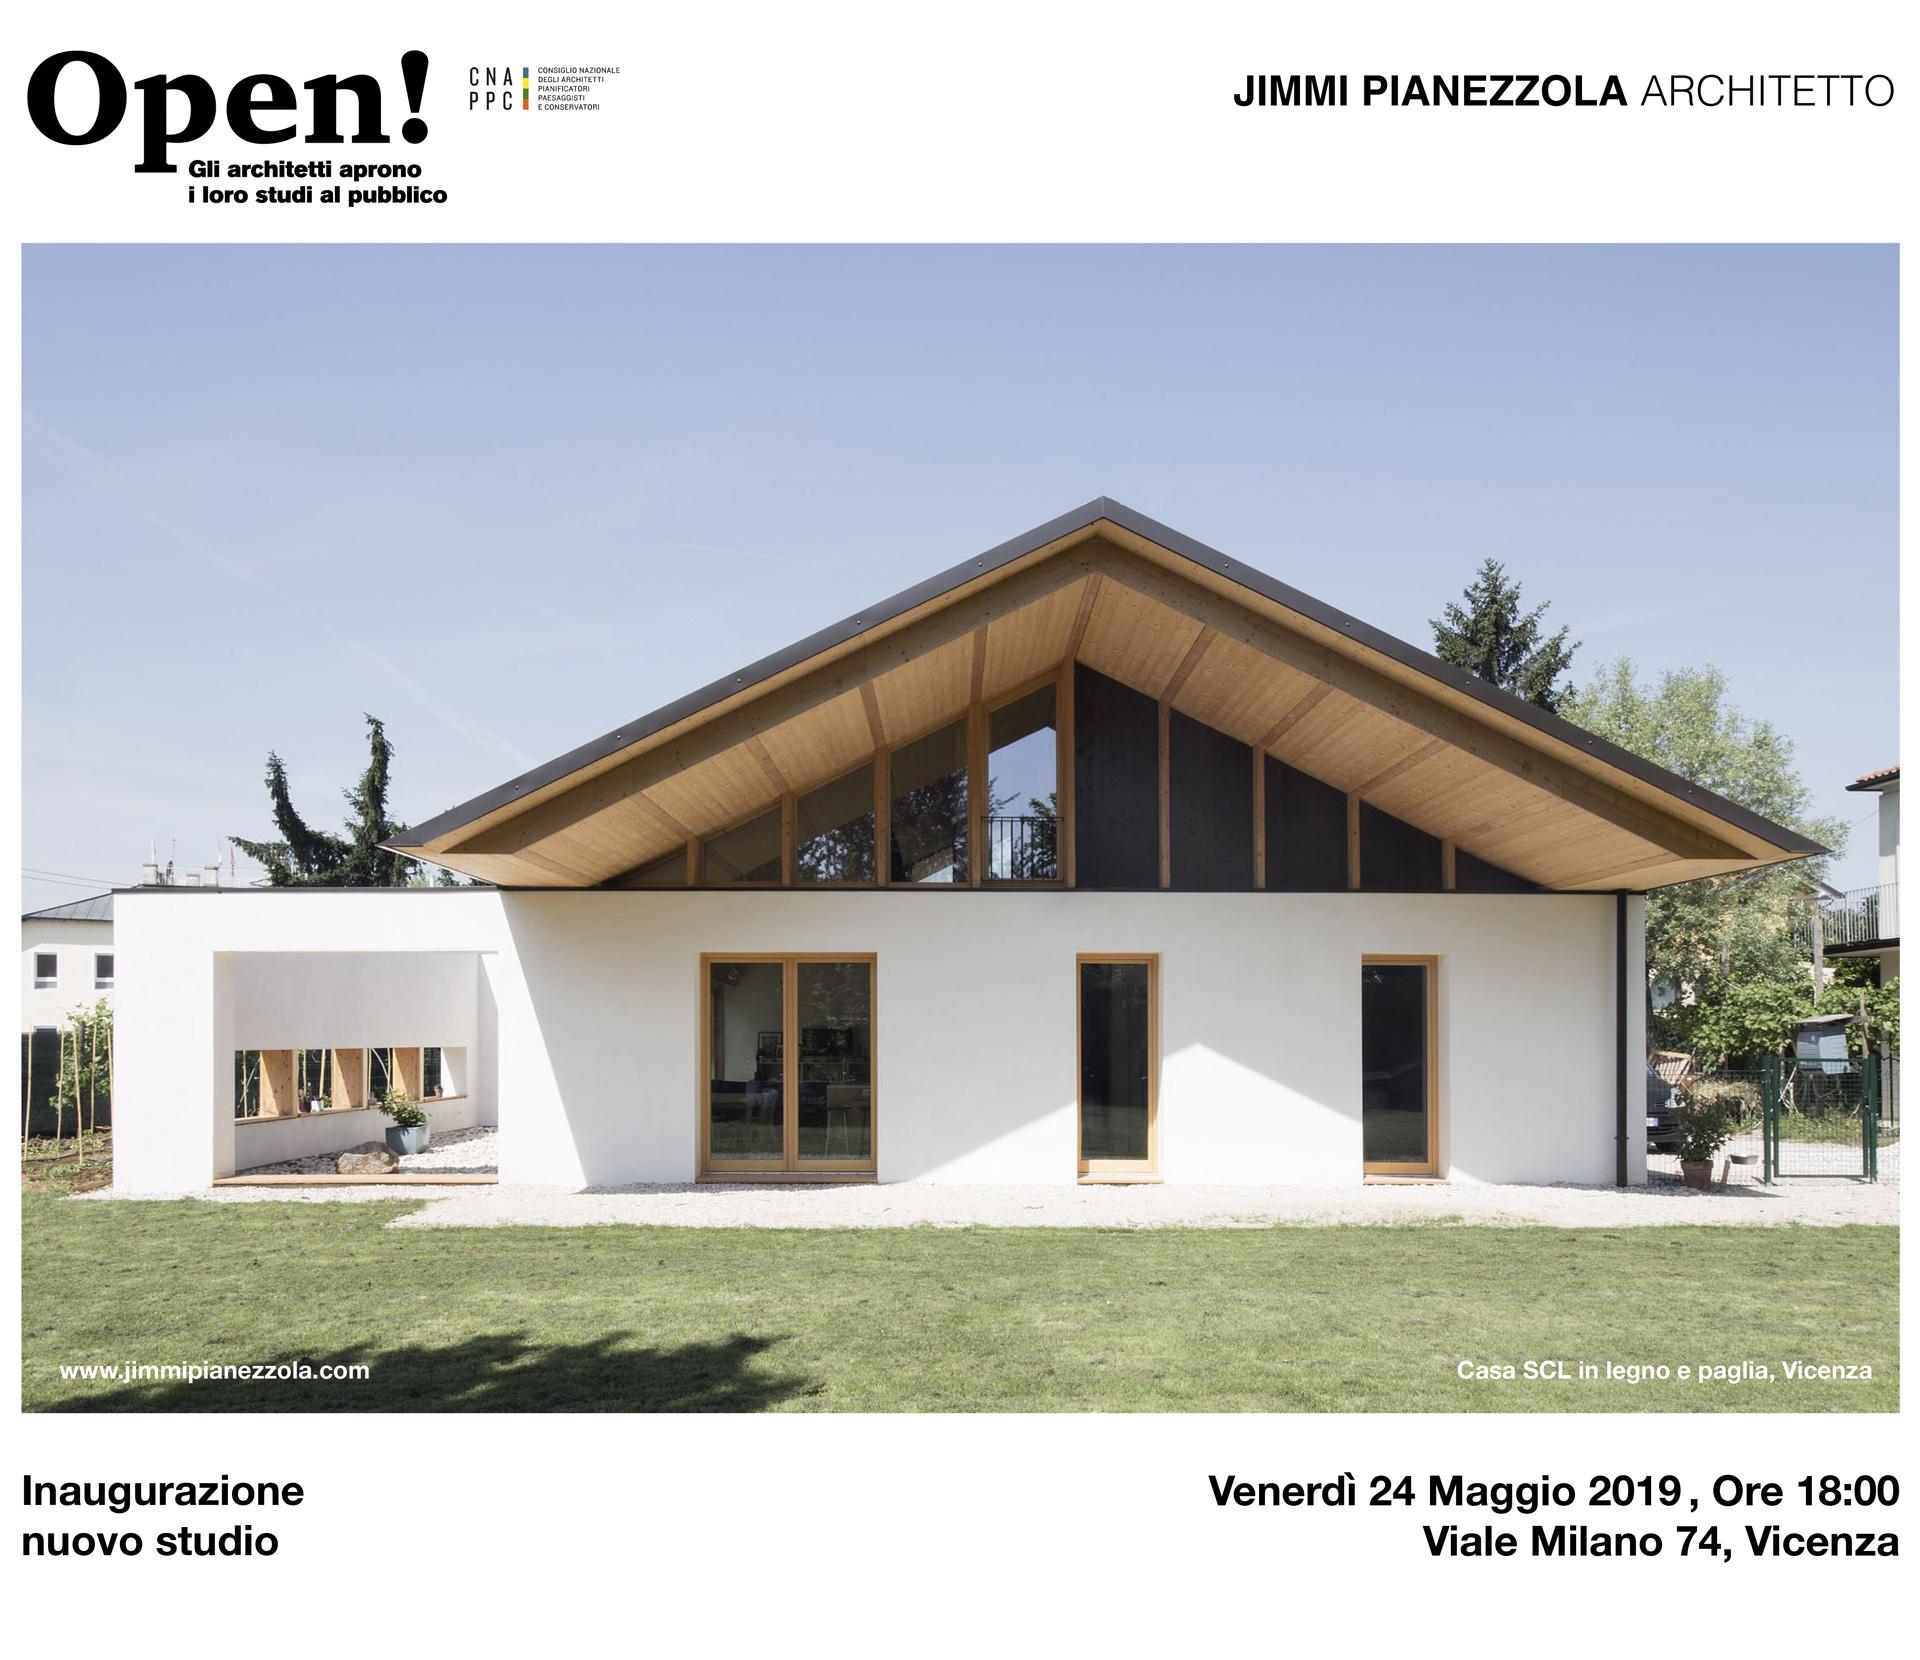 Casa SCL in legno e paglia, Vicenza